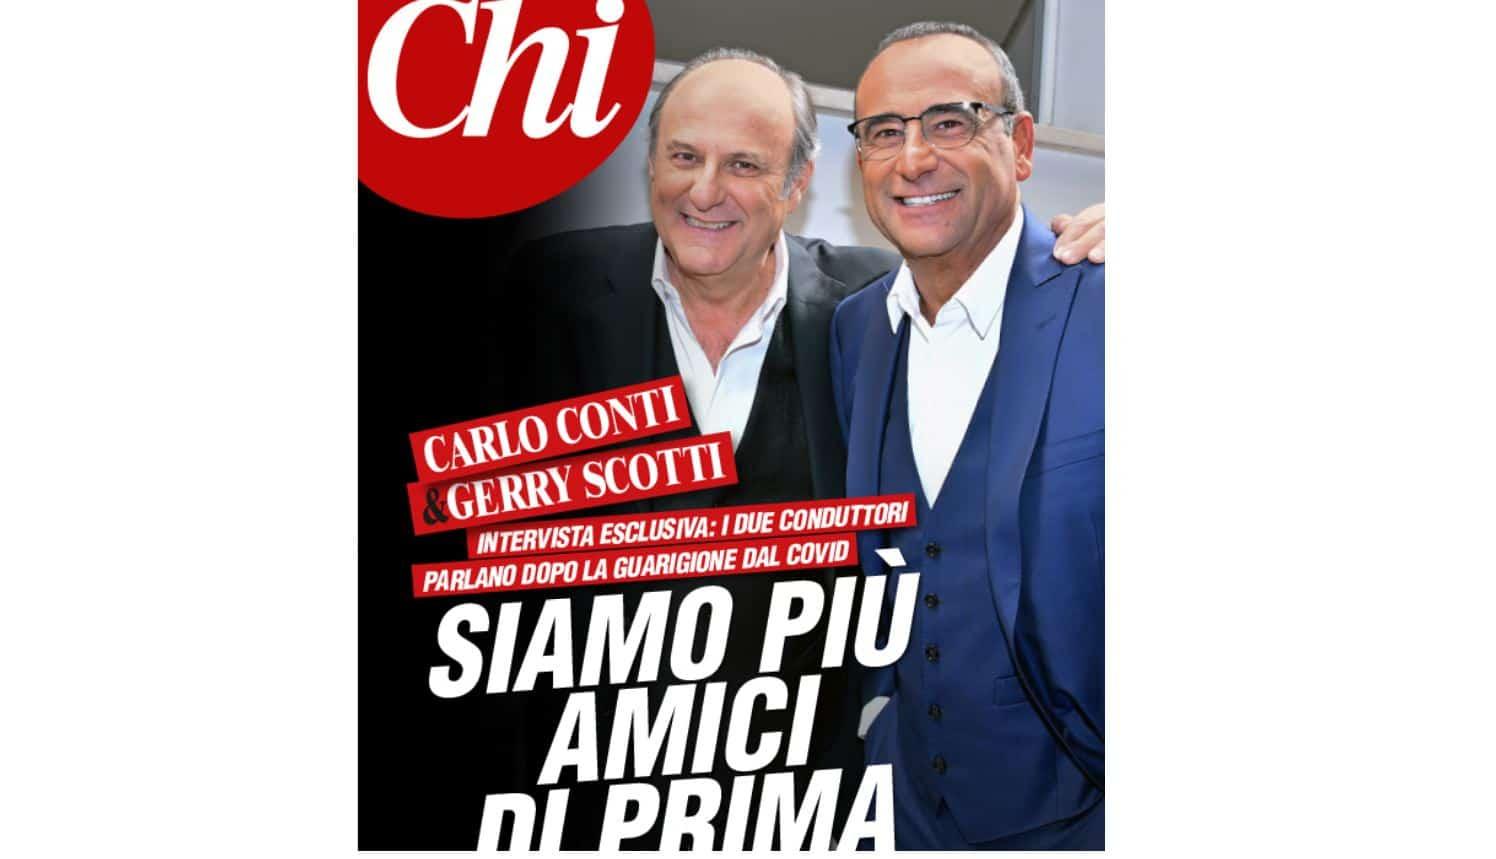 Carlo Conti e Gerry Scotti su Chi: dopo il covid 19 più amici di prima